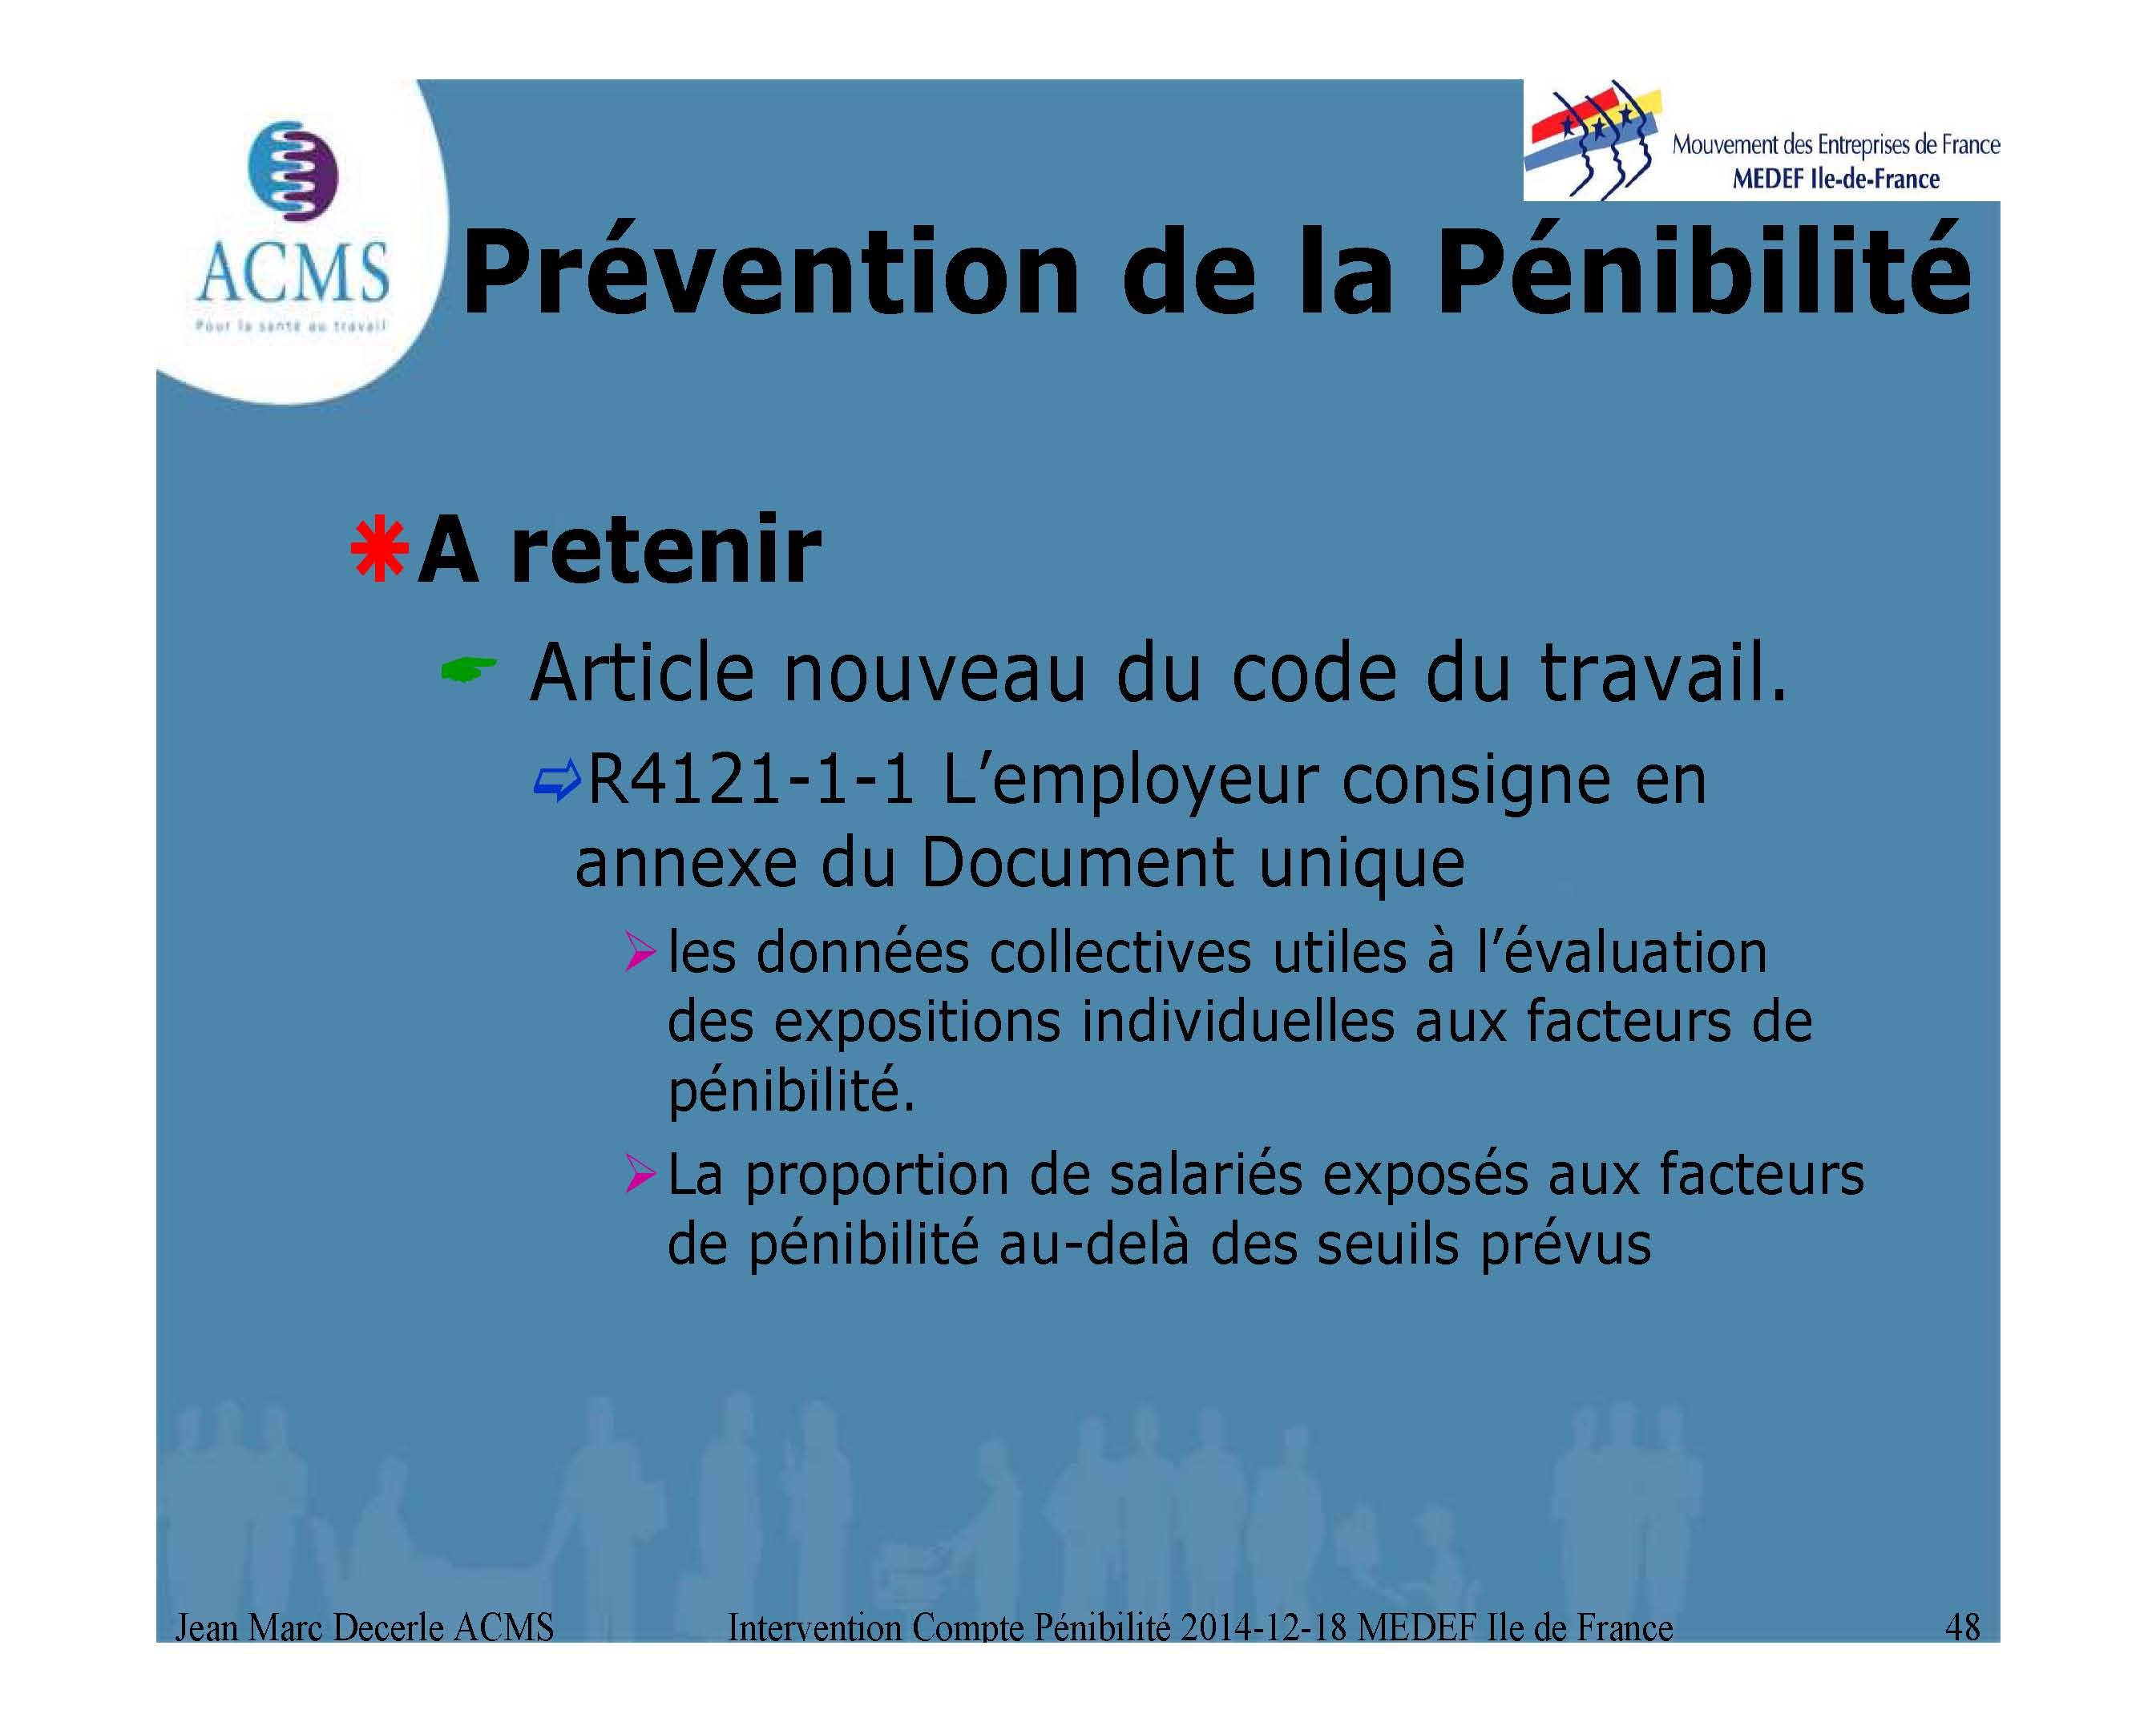 2014-12-18 Compte Pénibilite MEDEF Ile de France_Page_48